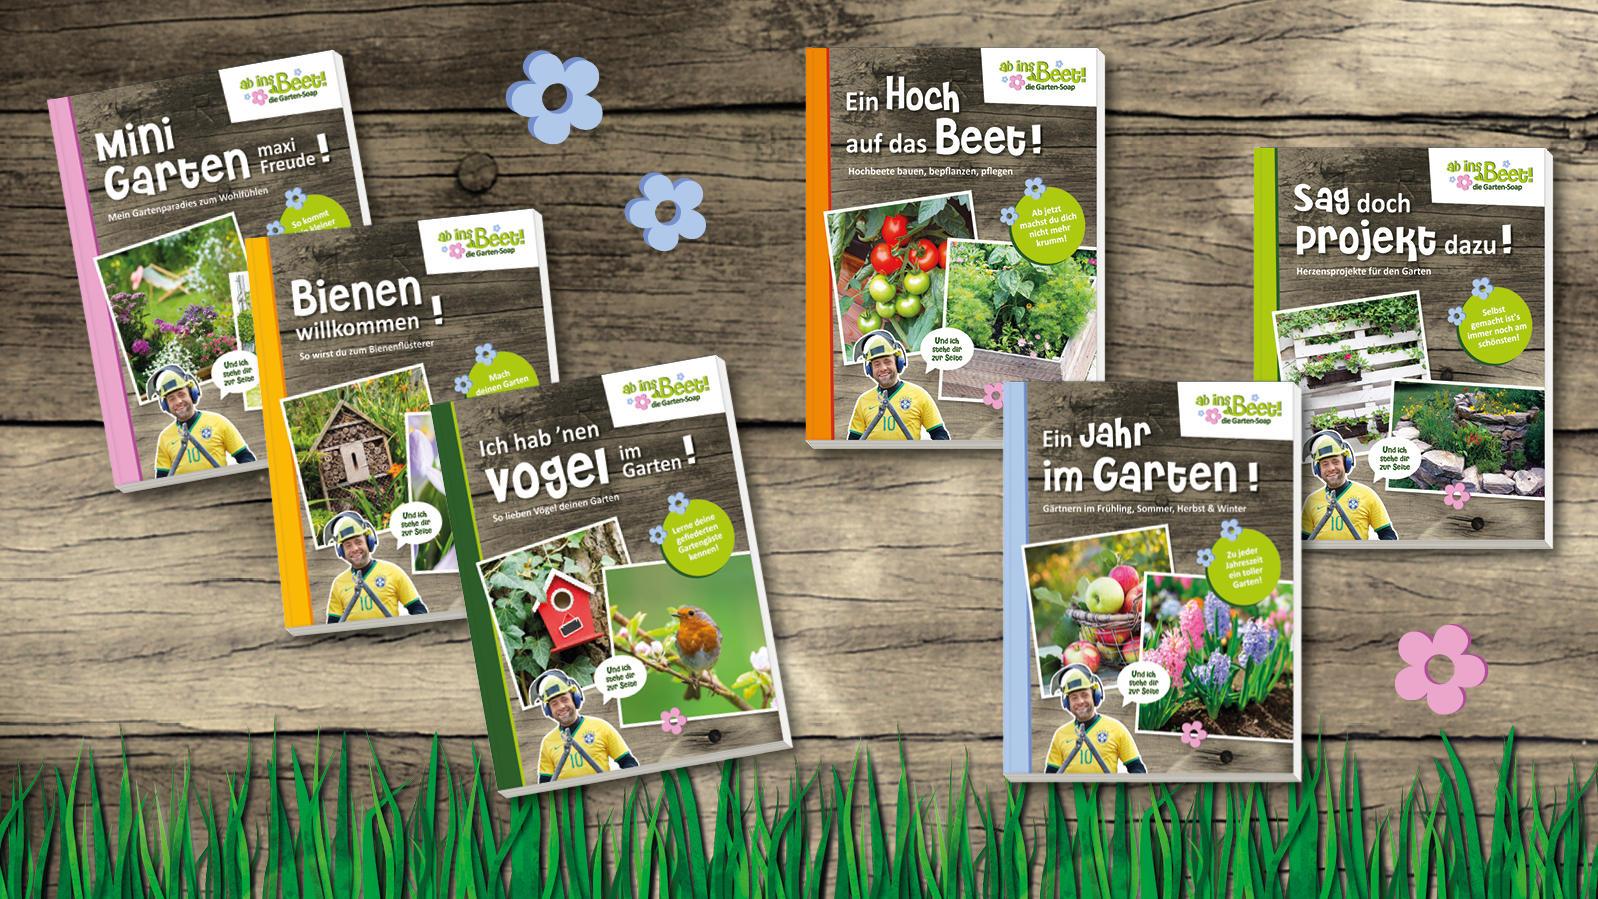 Full Size of Hochbeet Aldi Ab Ins Beet Gartenbcher Geballte Garten Infos Fr Selbermacher Relaxsessel Wohnzimmer Hochbeet Aldi